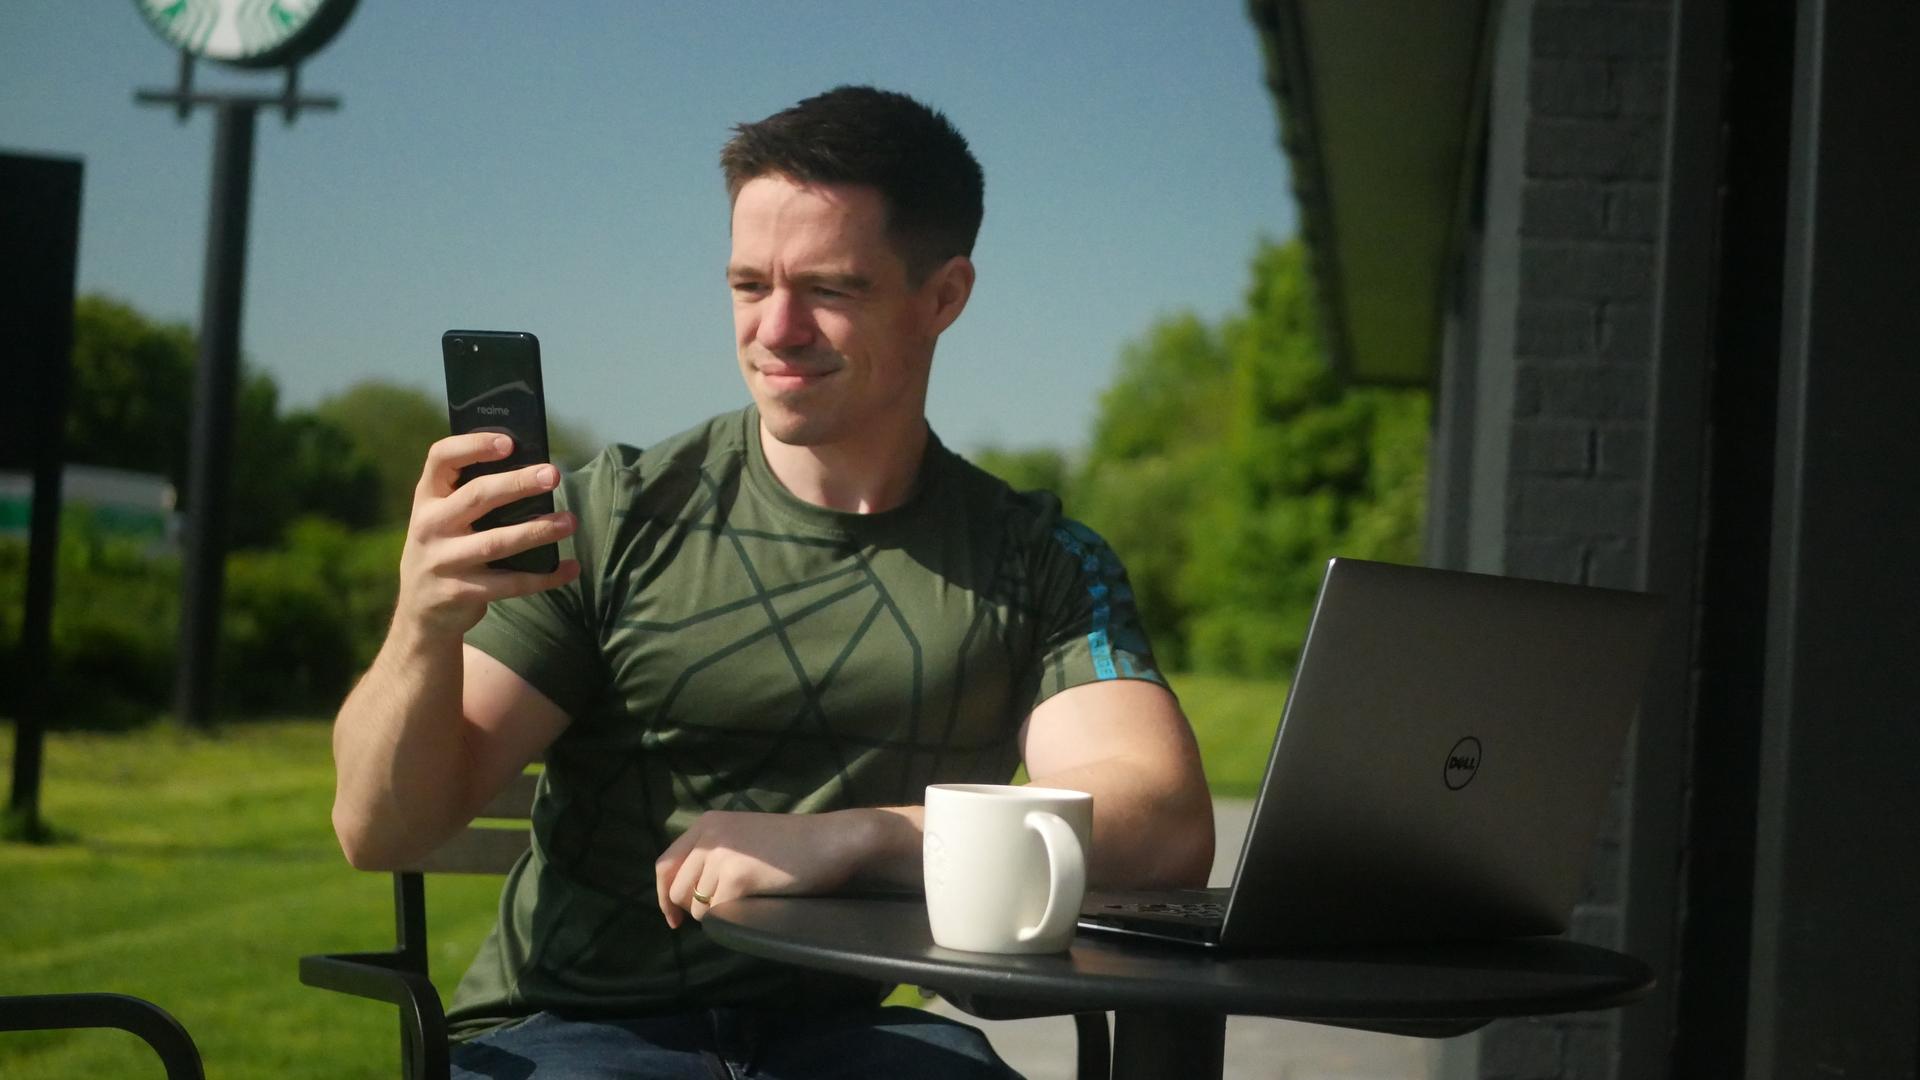 Adam Using Phone